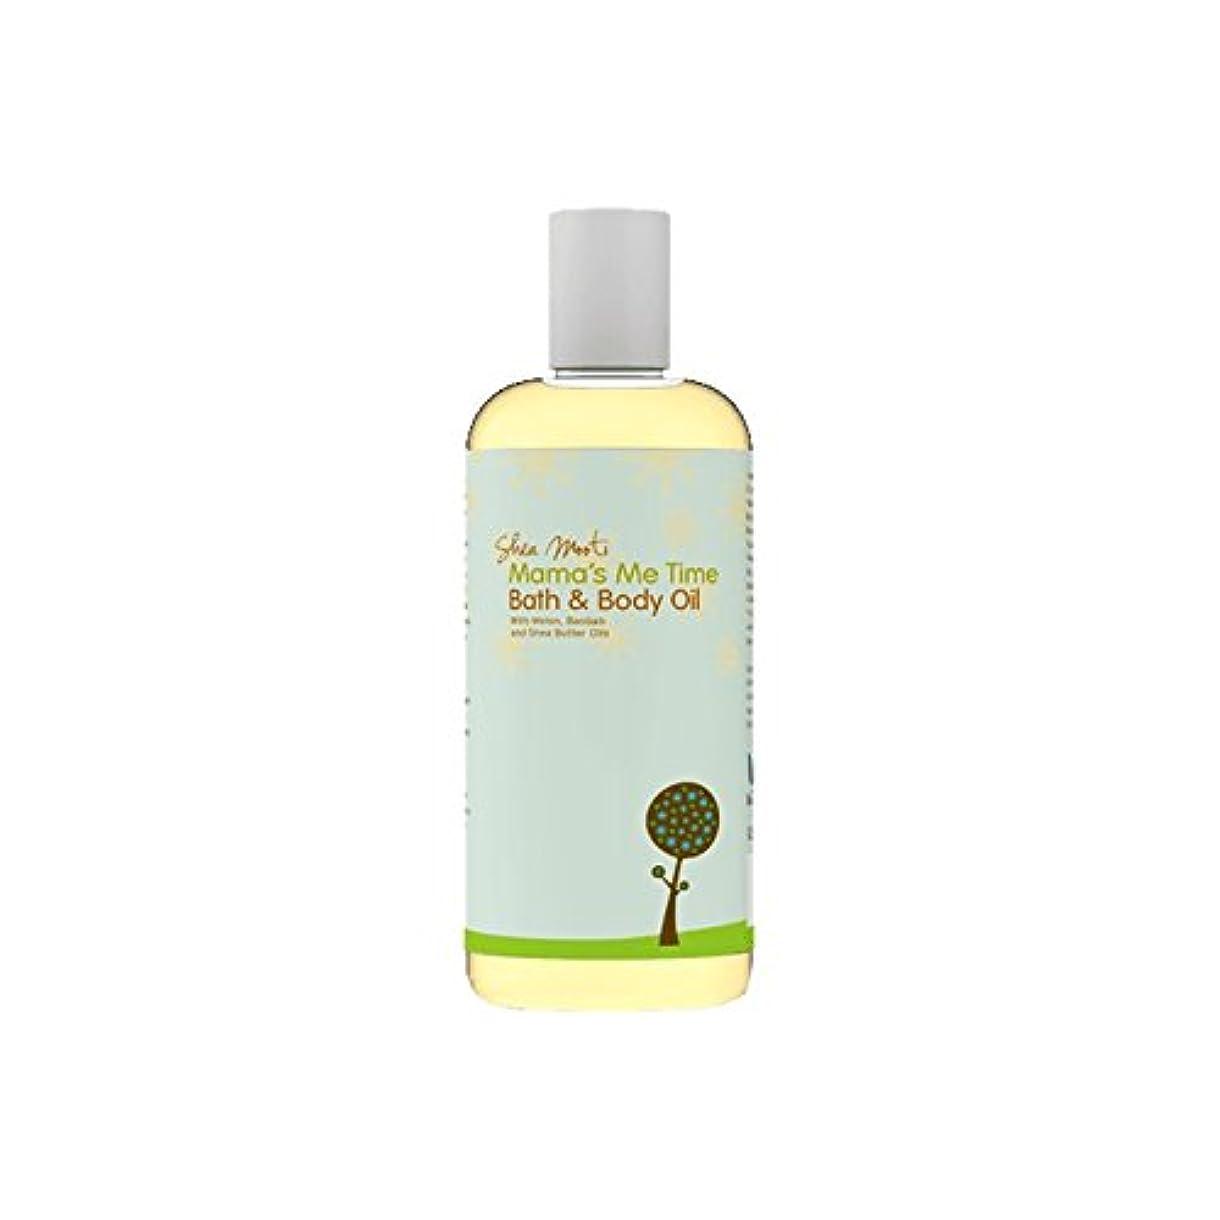 複数処方問い合わせるShea Mooti Mama's Me Time Bath and Body Oil 110g (Pack of 2) - シアバターMootiママの私の時間のバス、ボディオイル110グラム (x2) [並行輸入品]